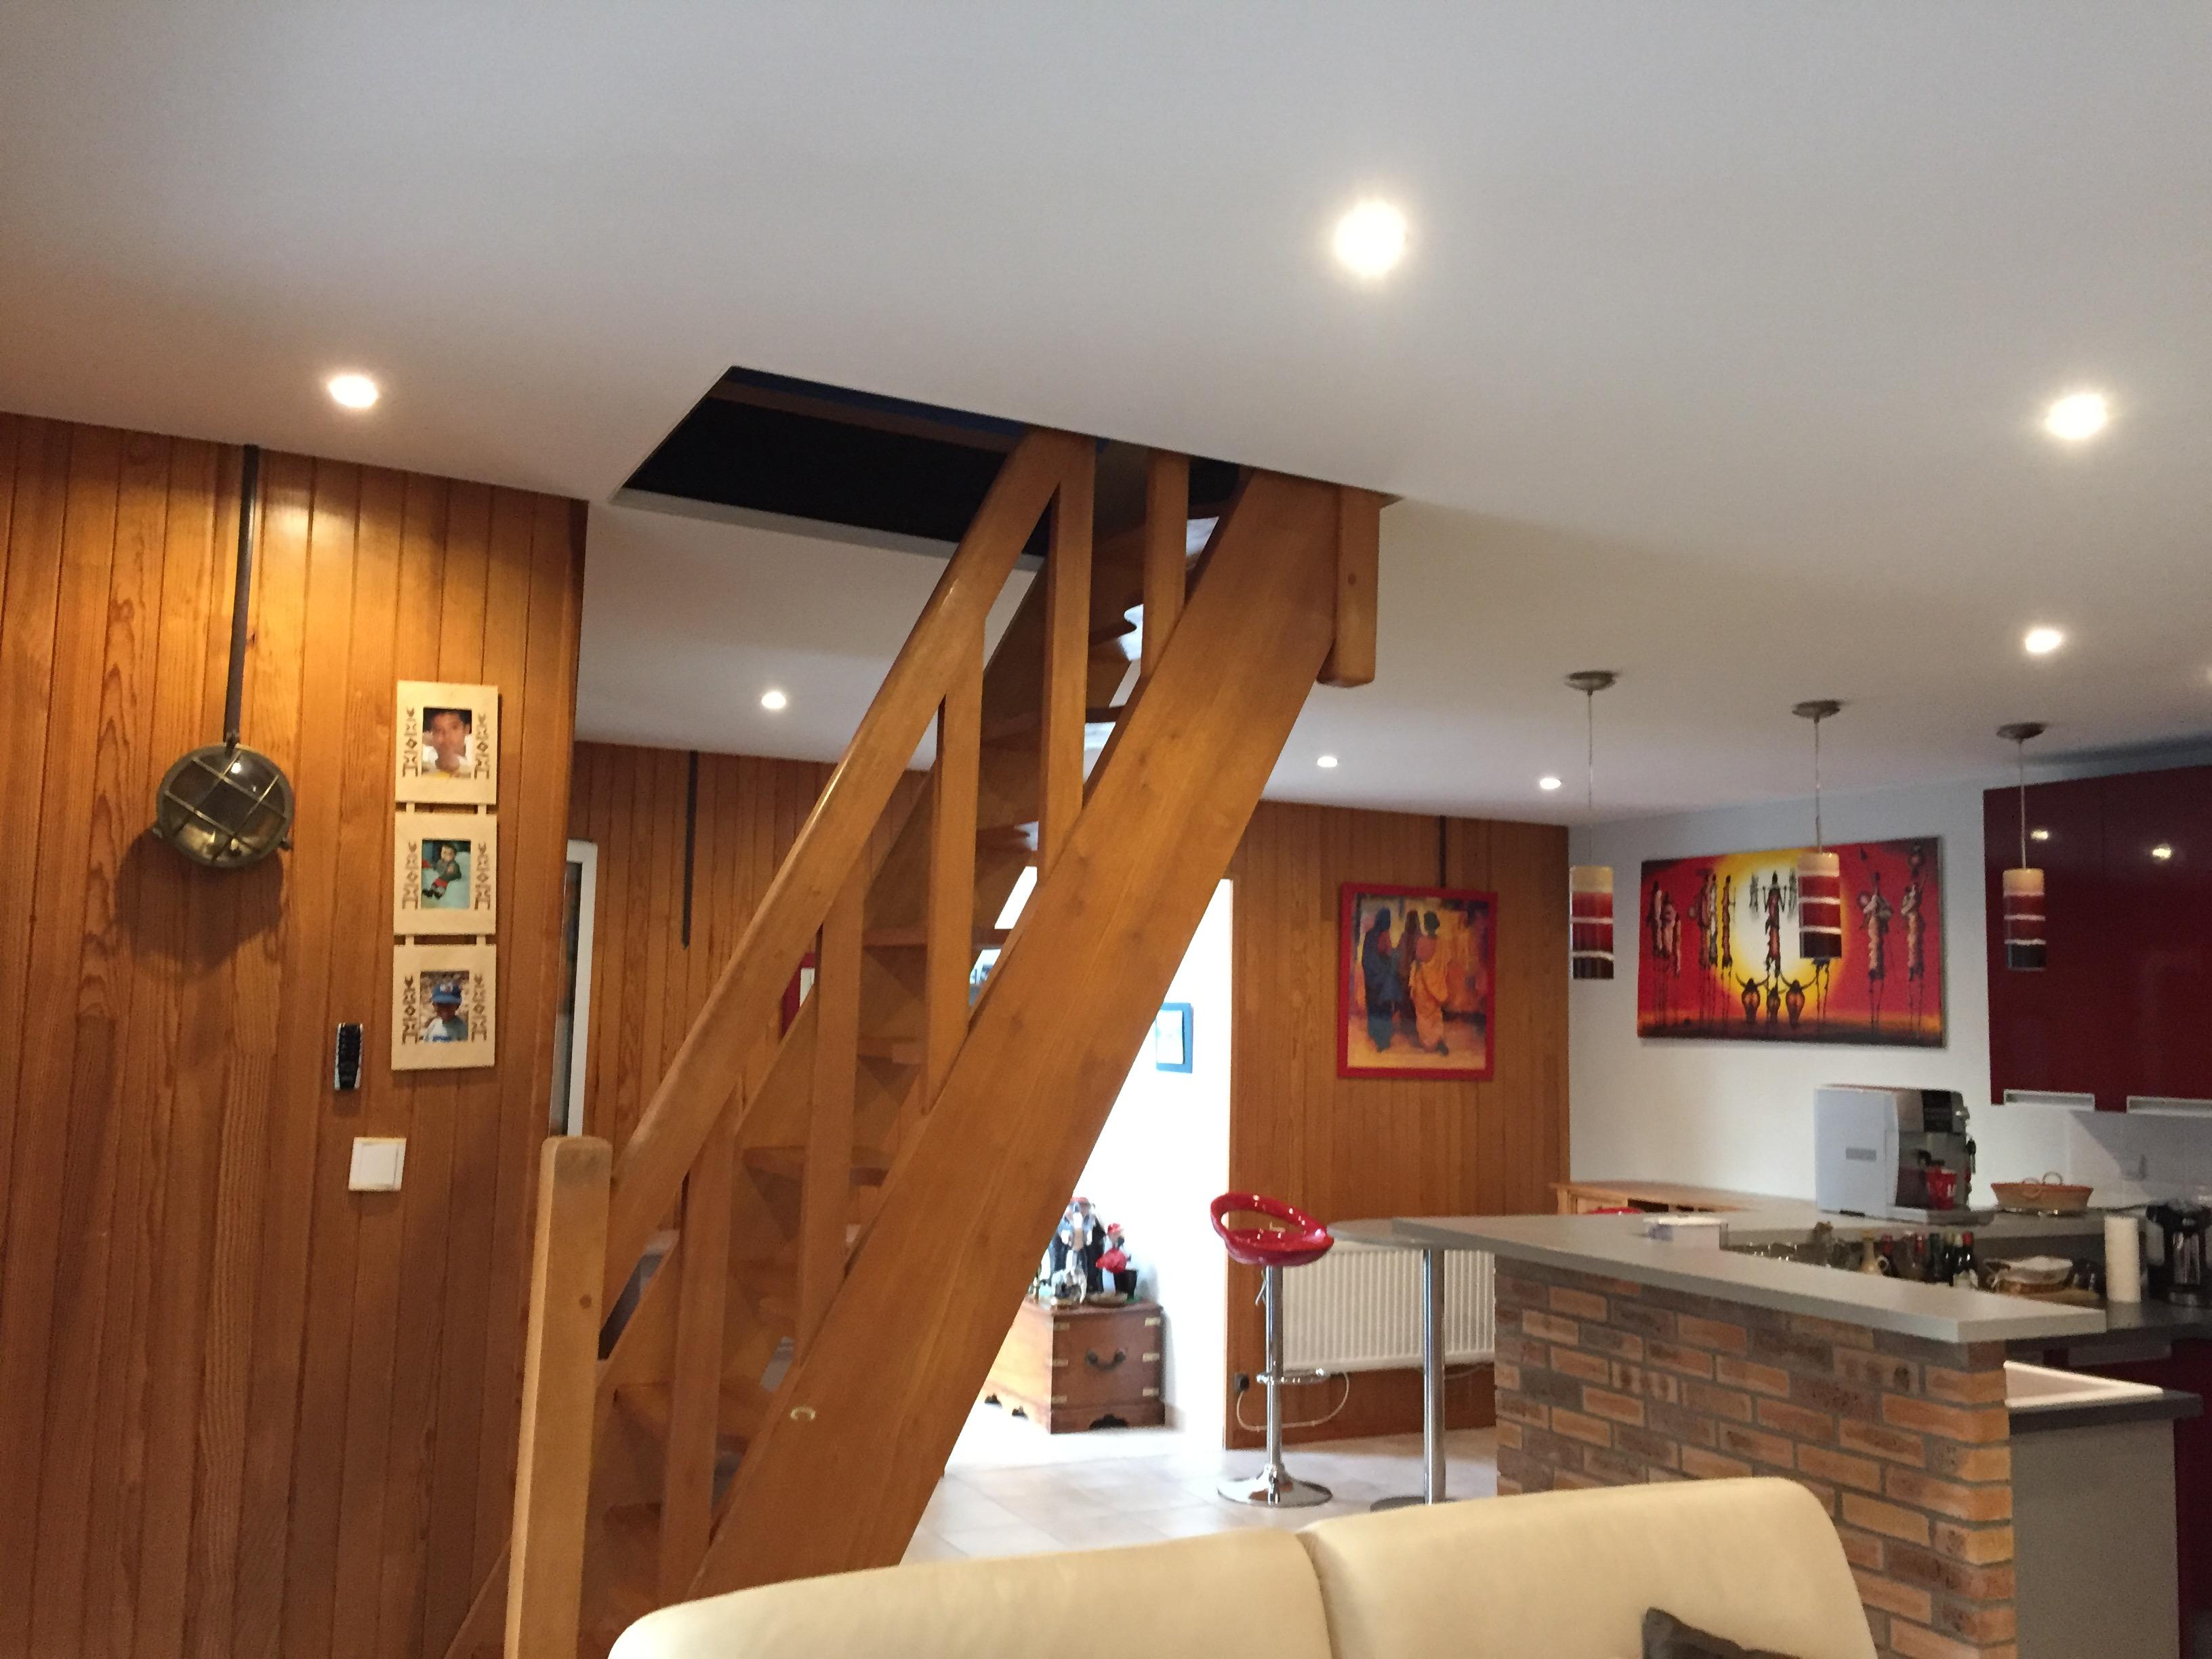 Plafond tendu avec trémie d'escalier